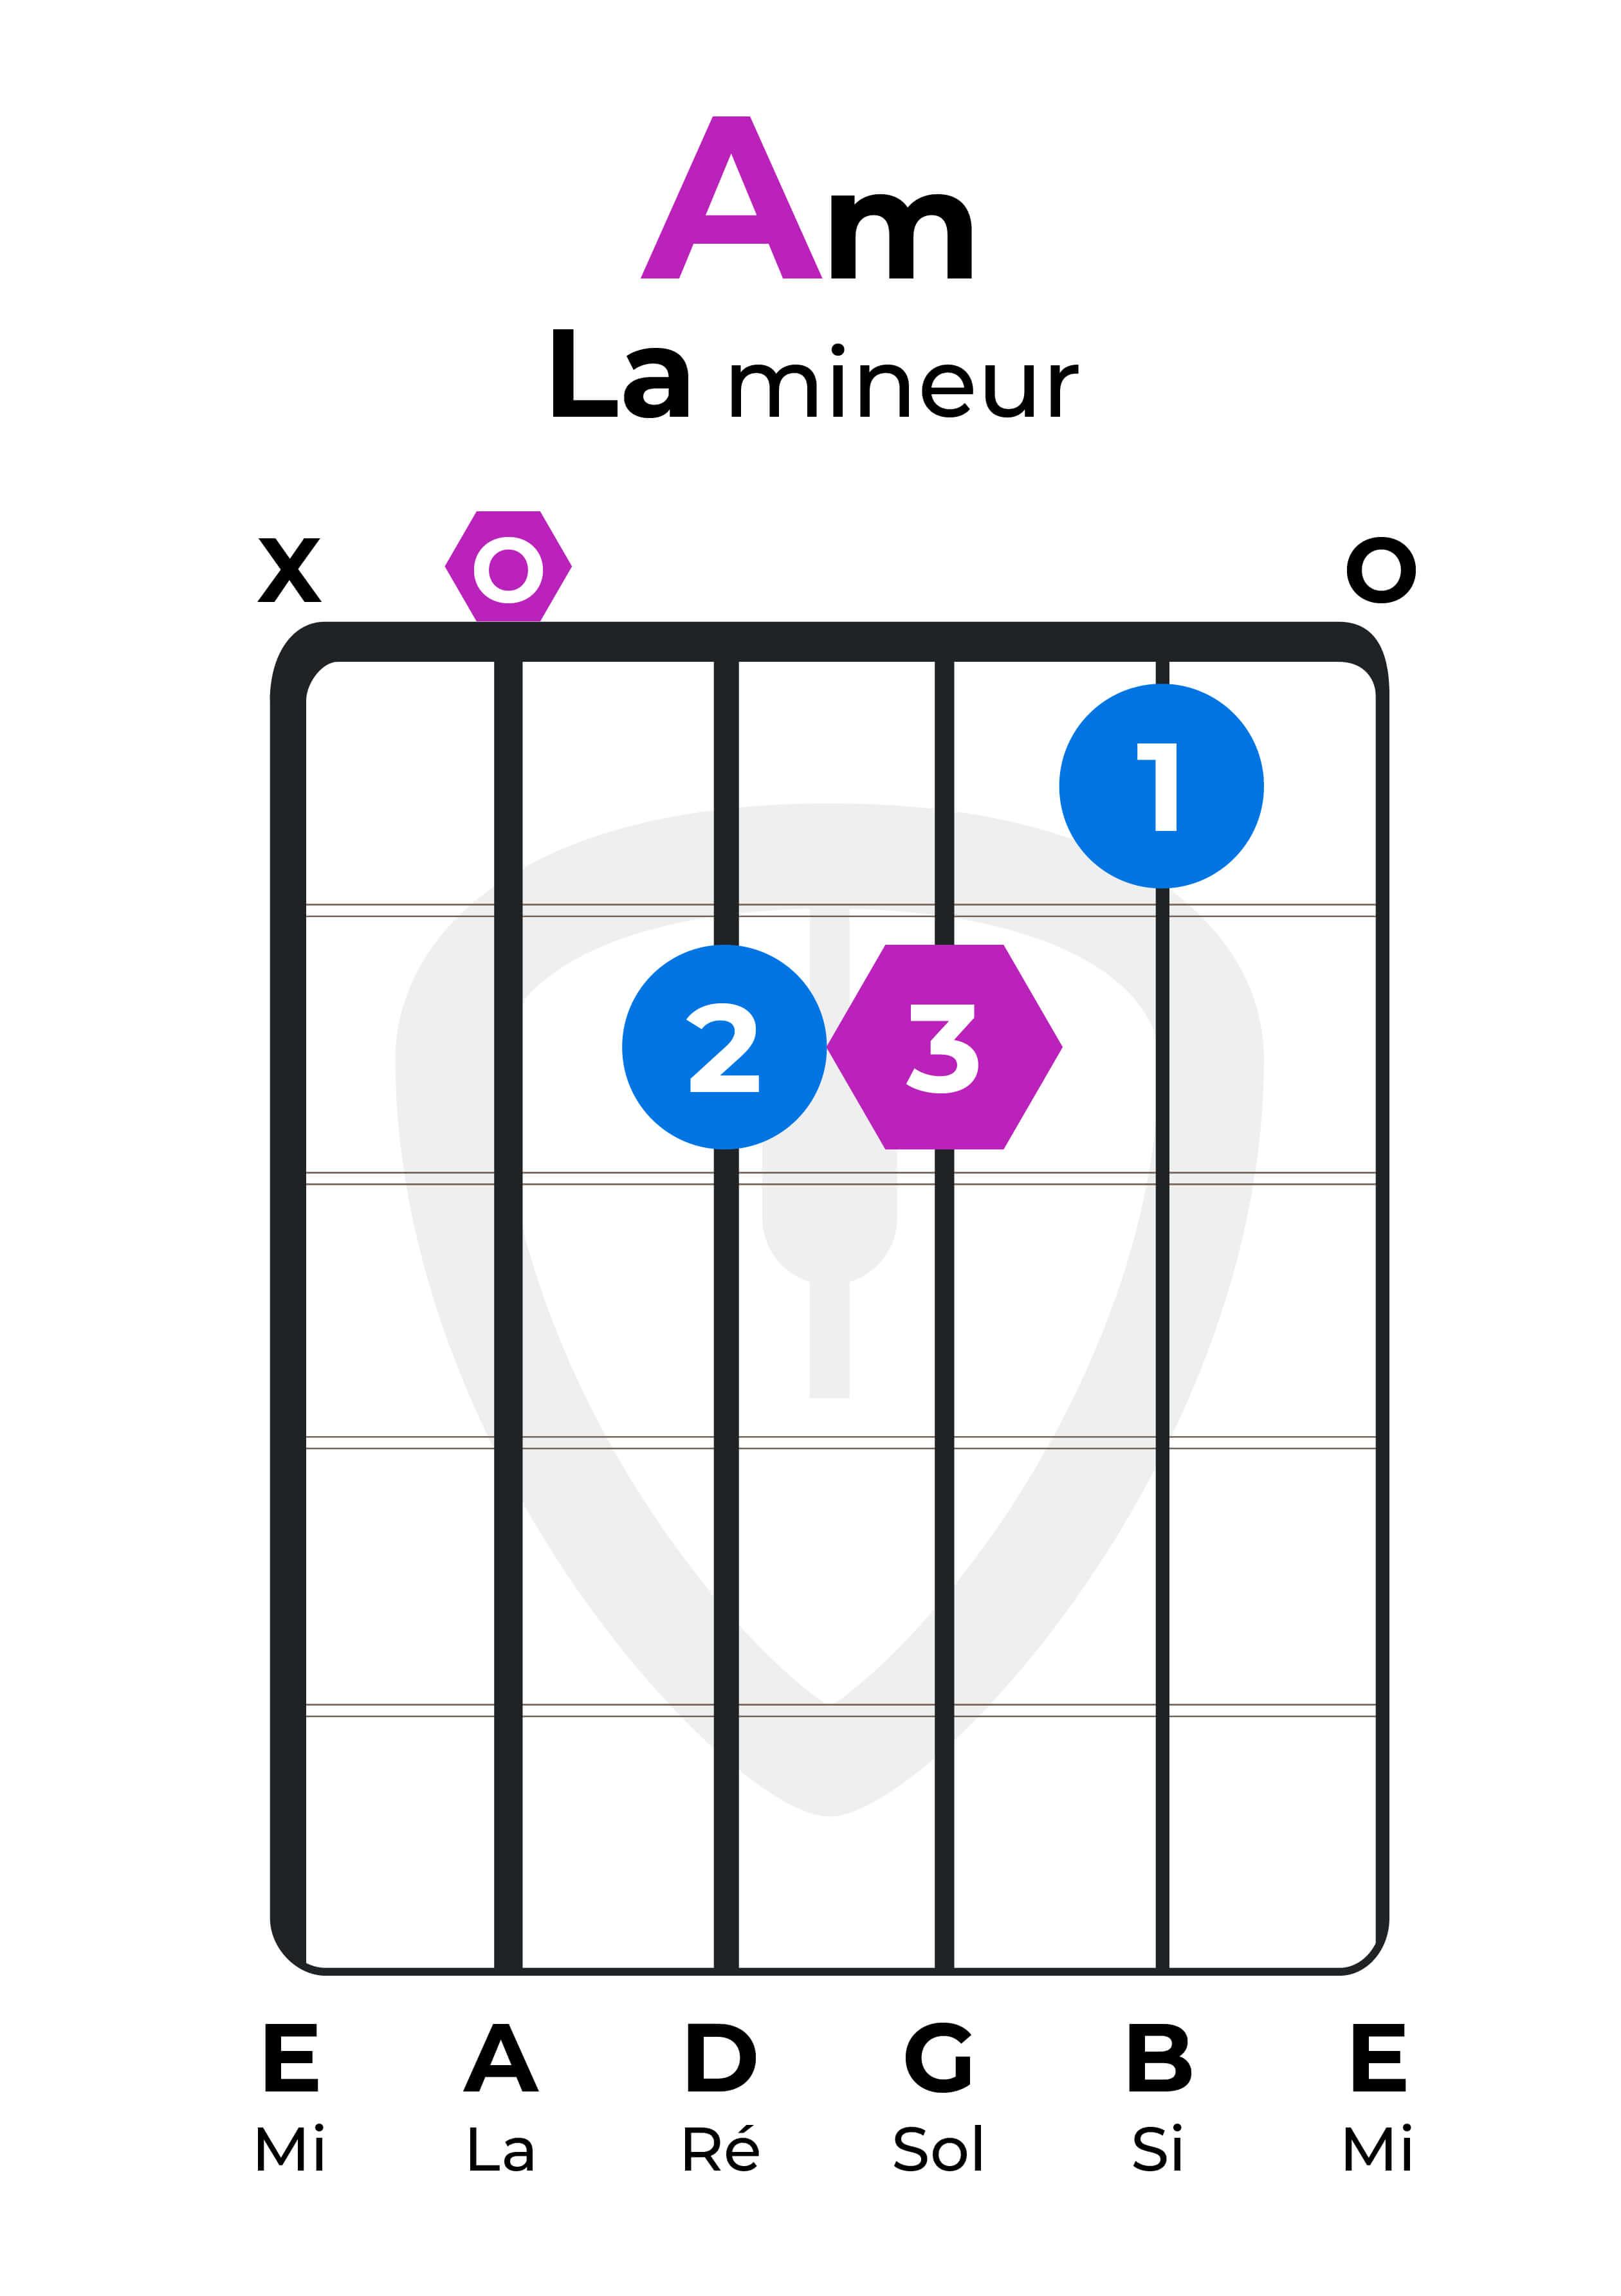 Dictionnaire accords La mineur Am